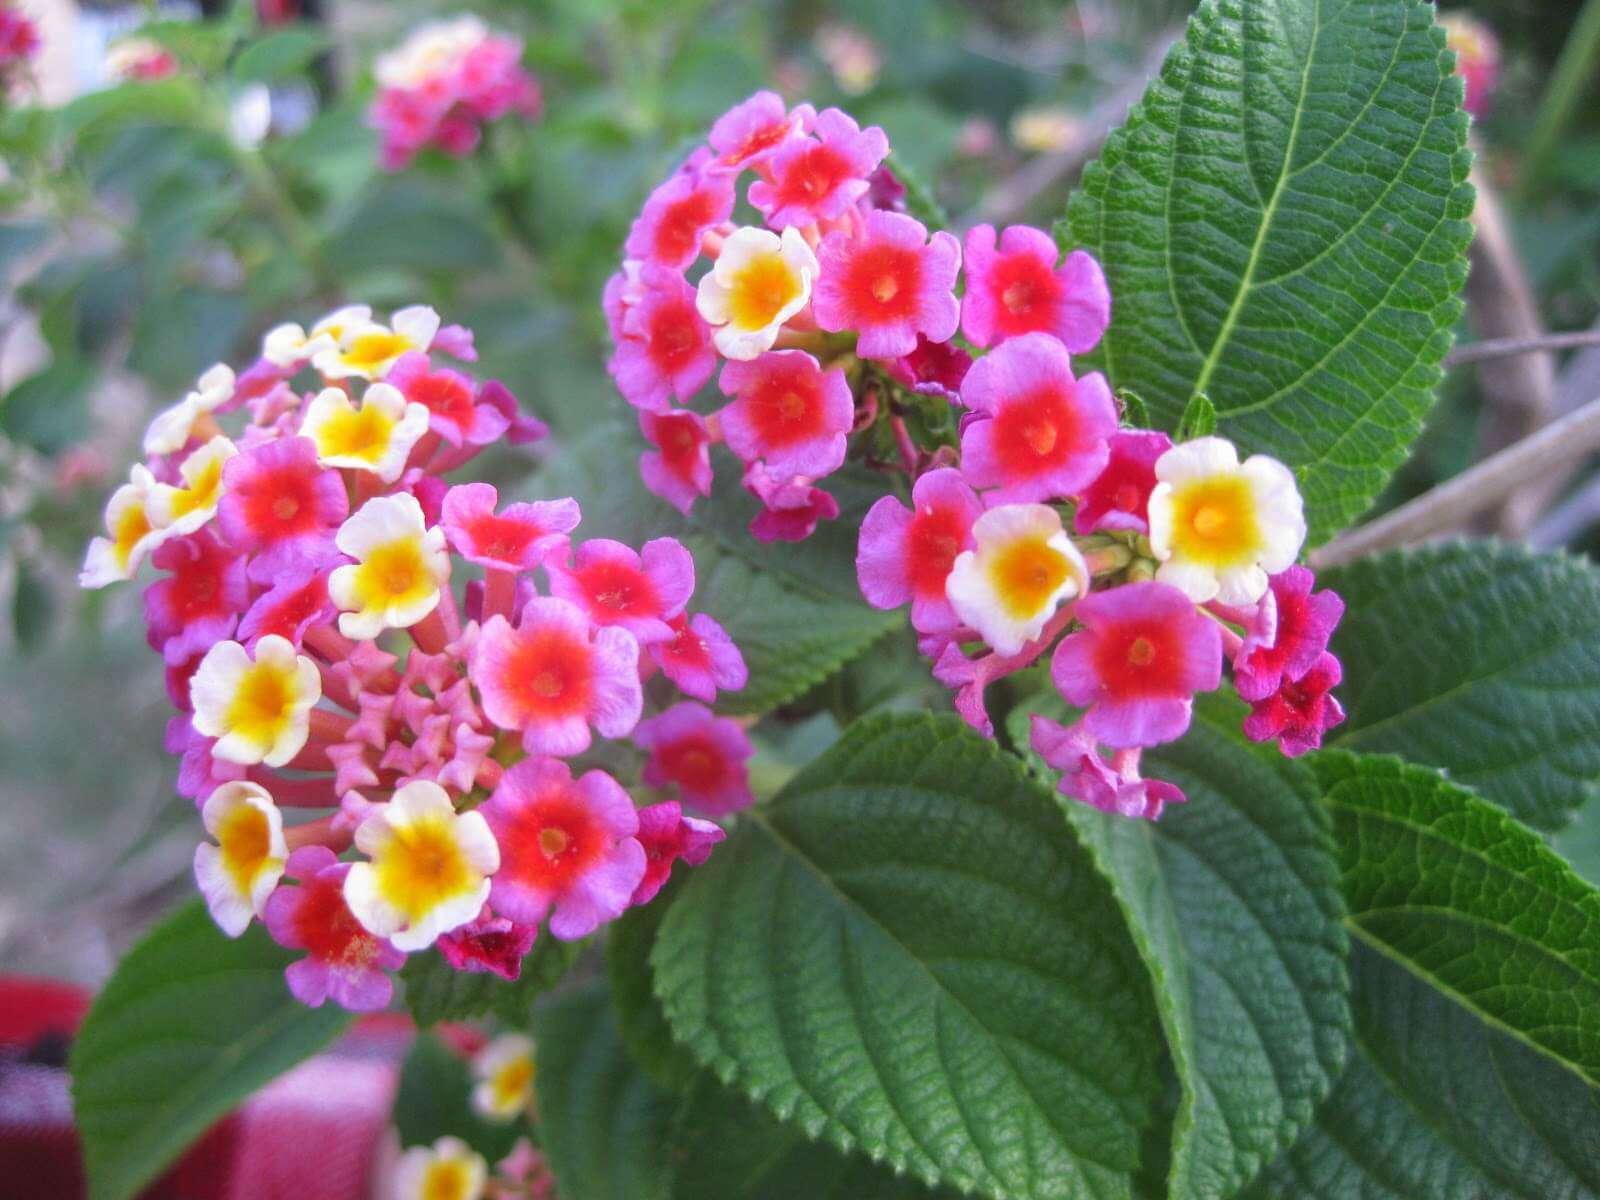 đặc điểm cây hoa ngũ sắc